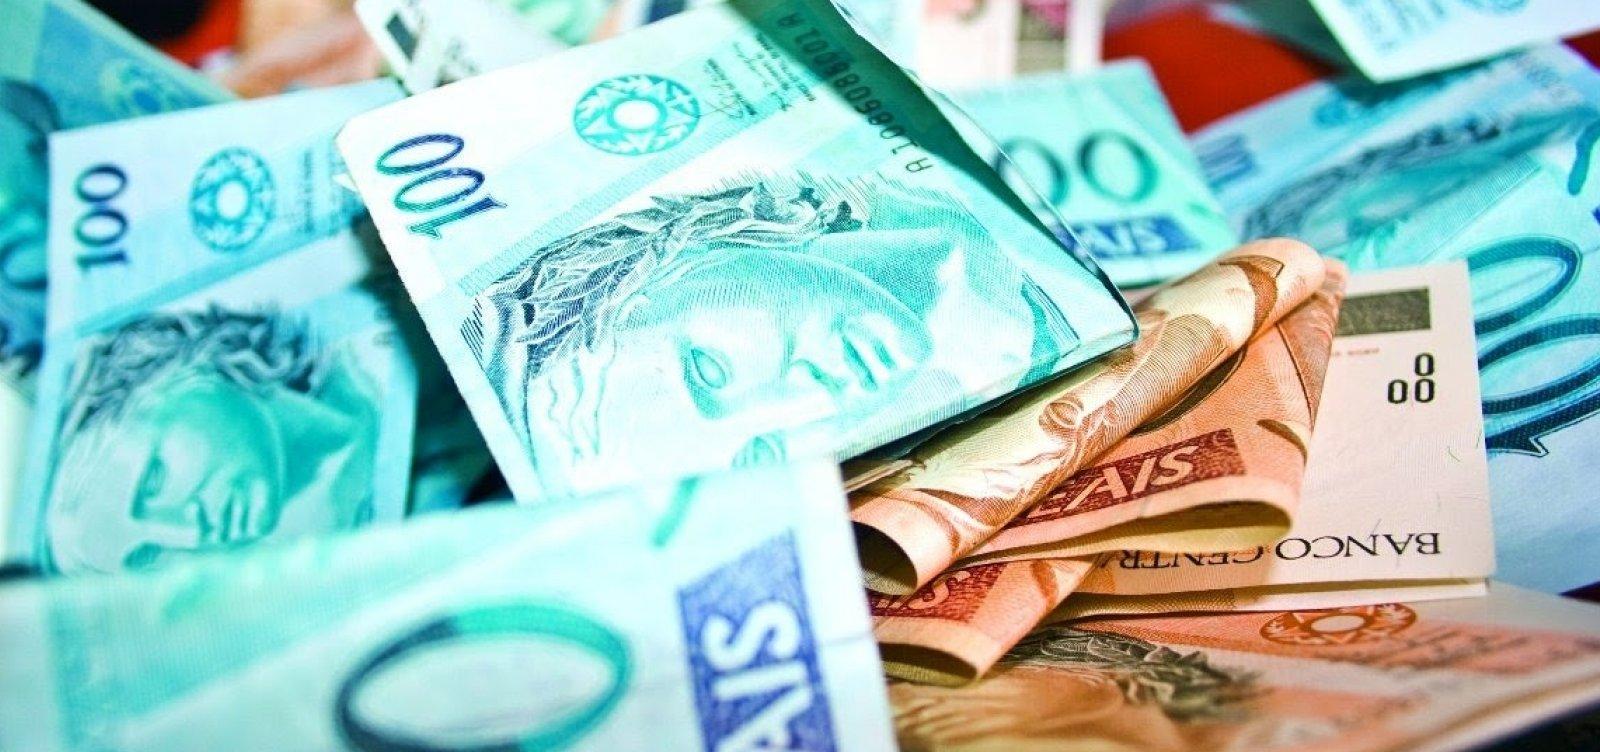 Repasses de partidos a candidatos ultrapassam R$ 1 bilhão